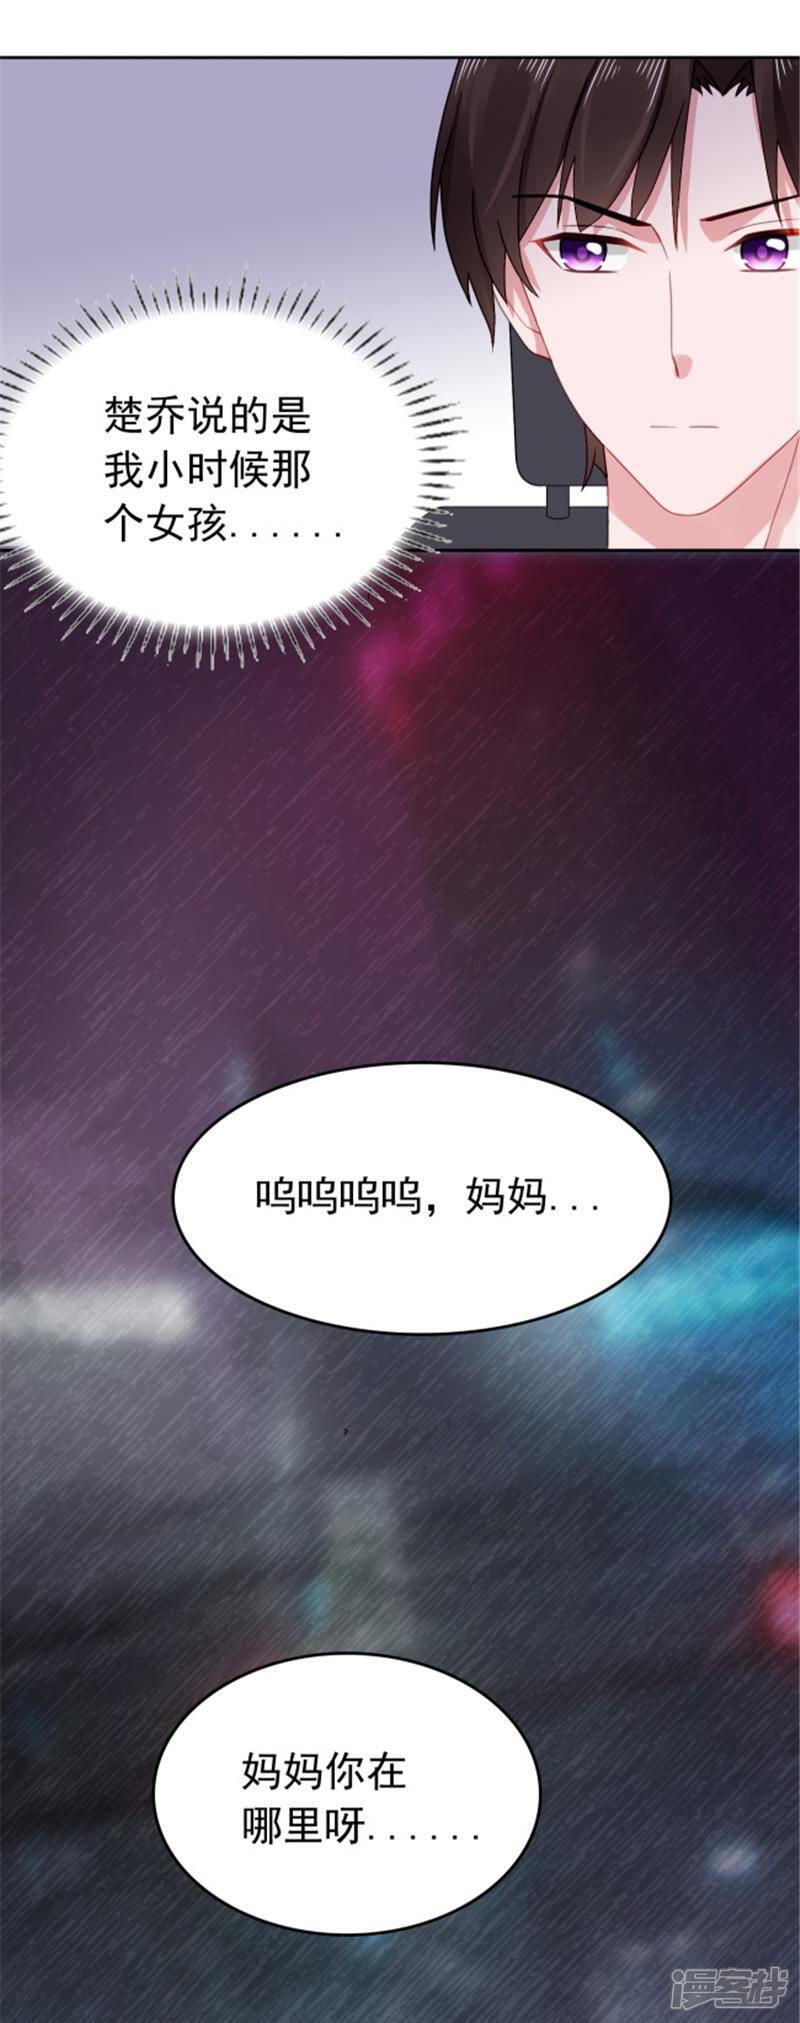 4_01.jpg